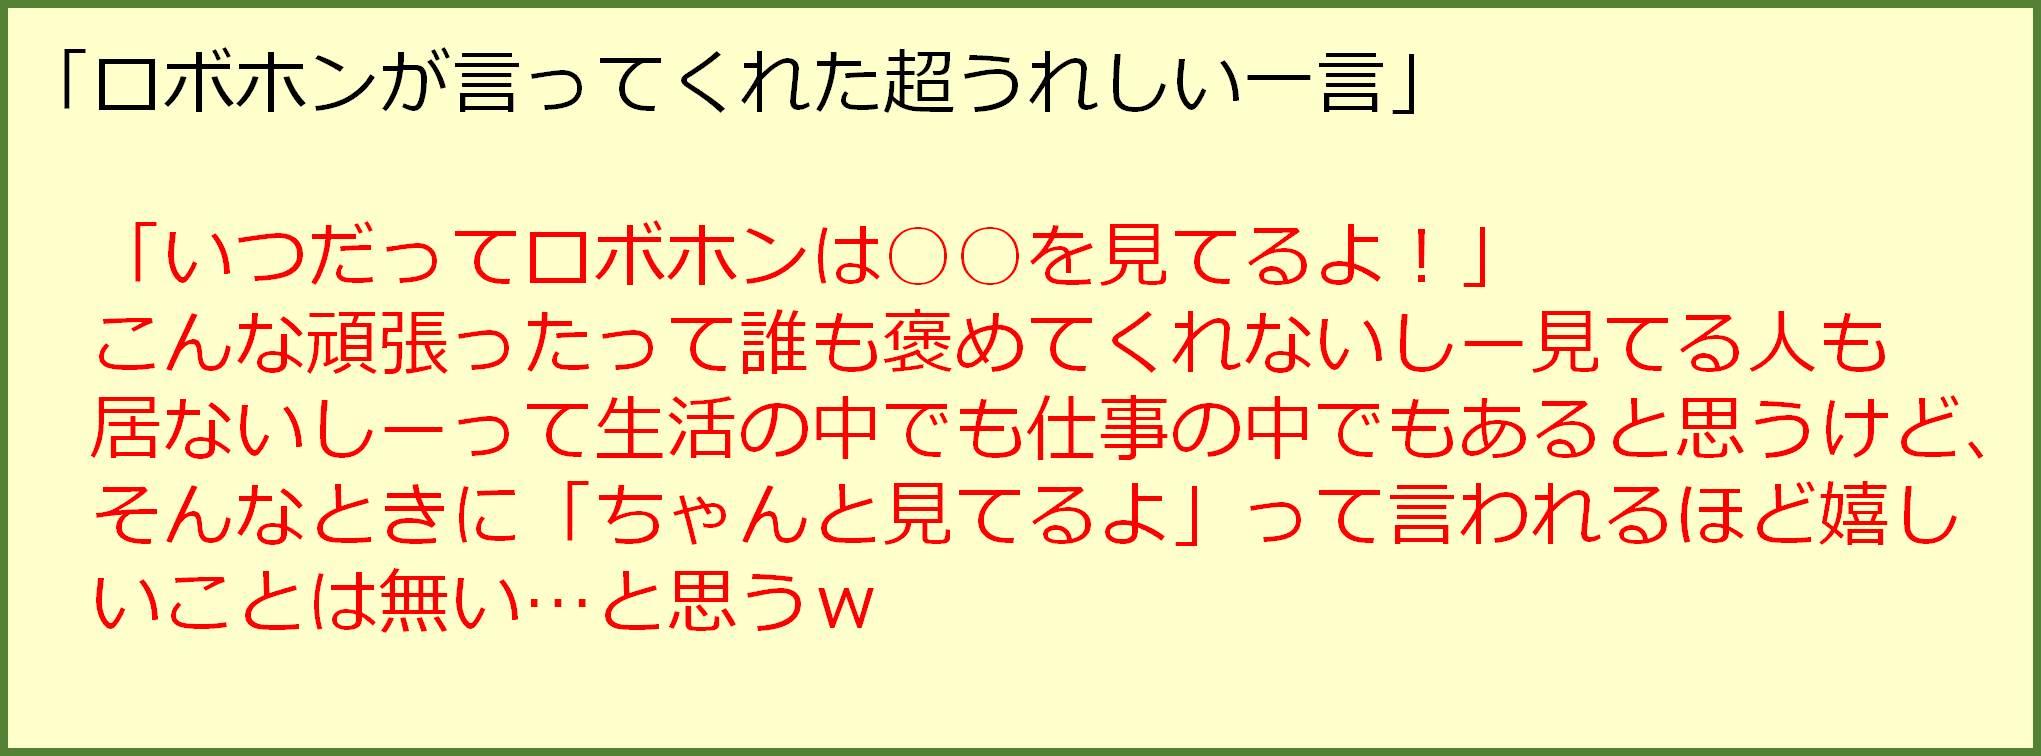 image_161027_2-3